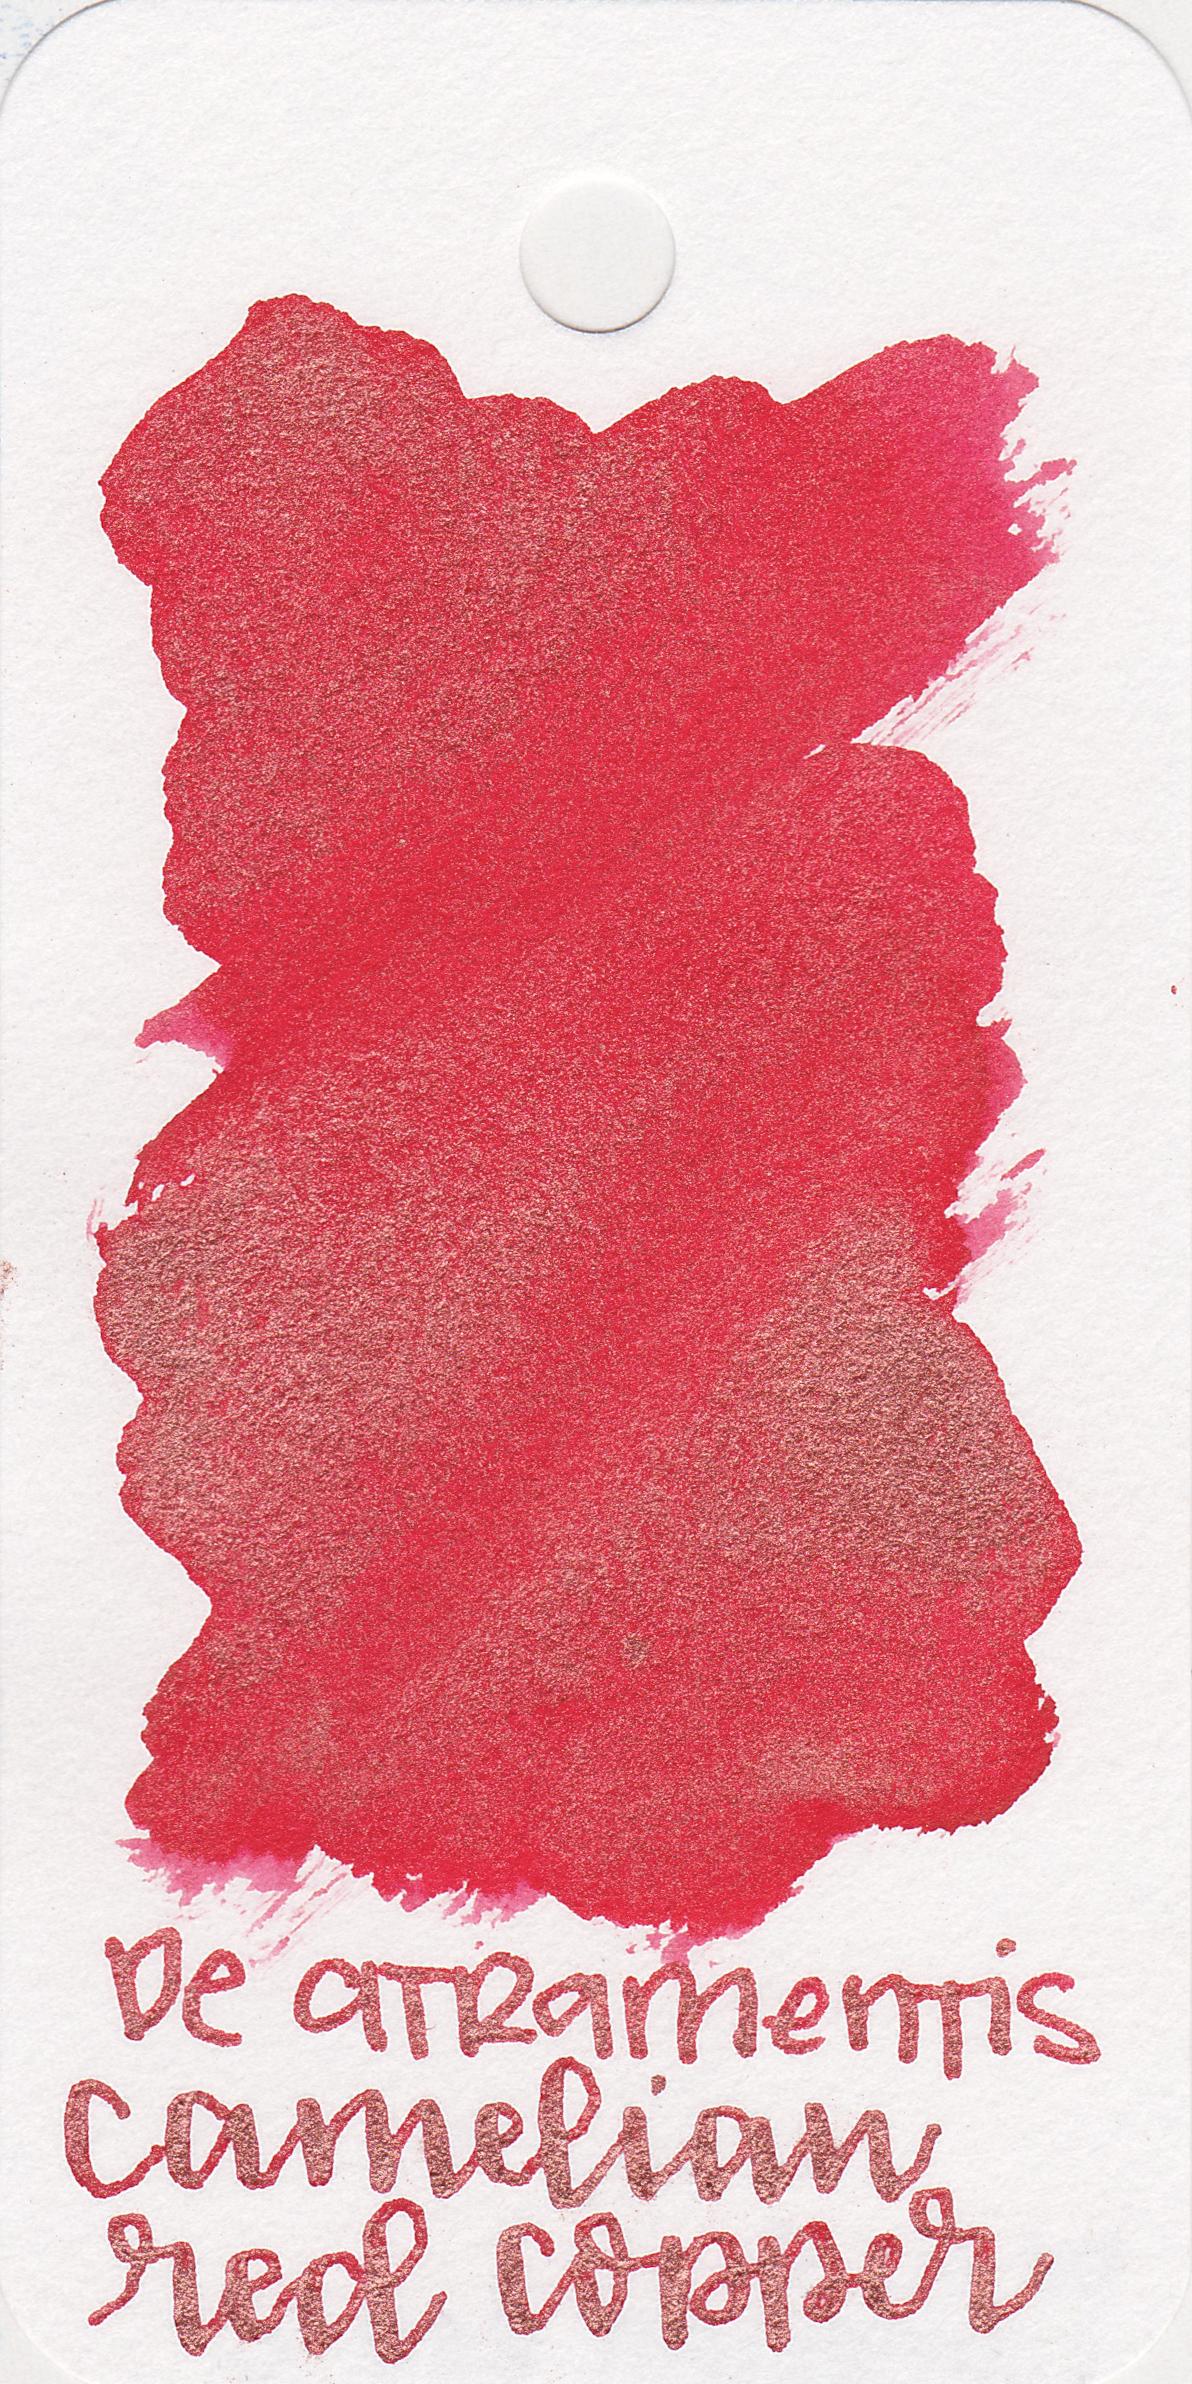 da-camelian-red-copper-1.jpg